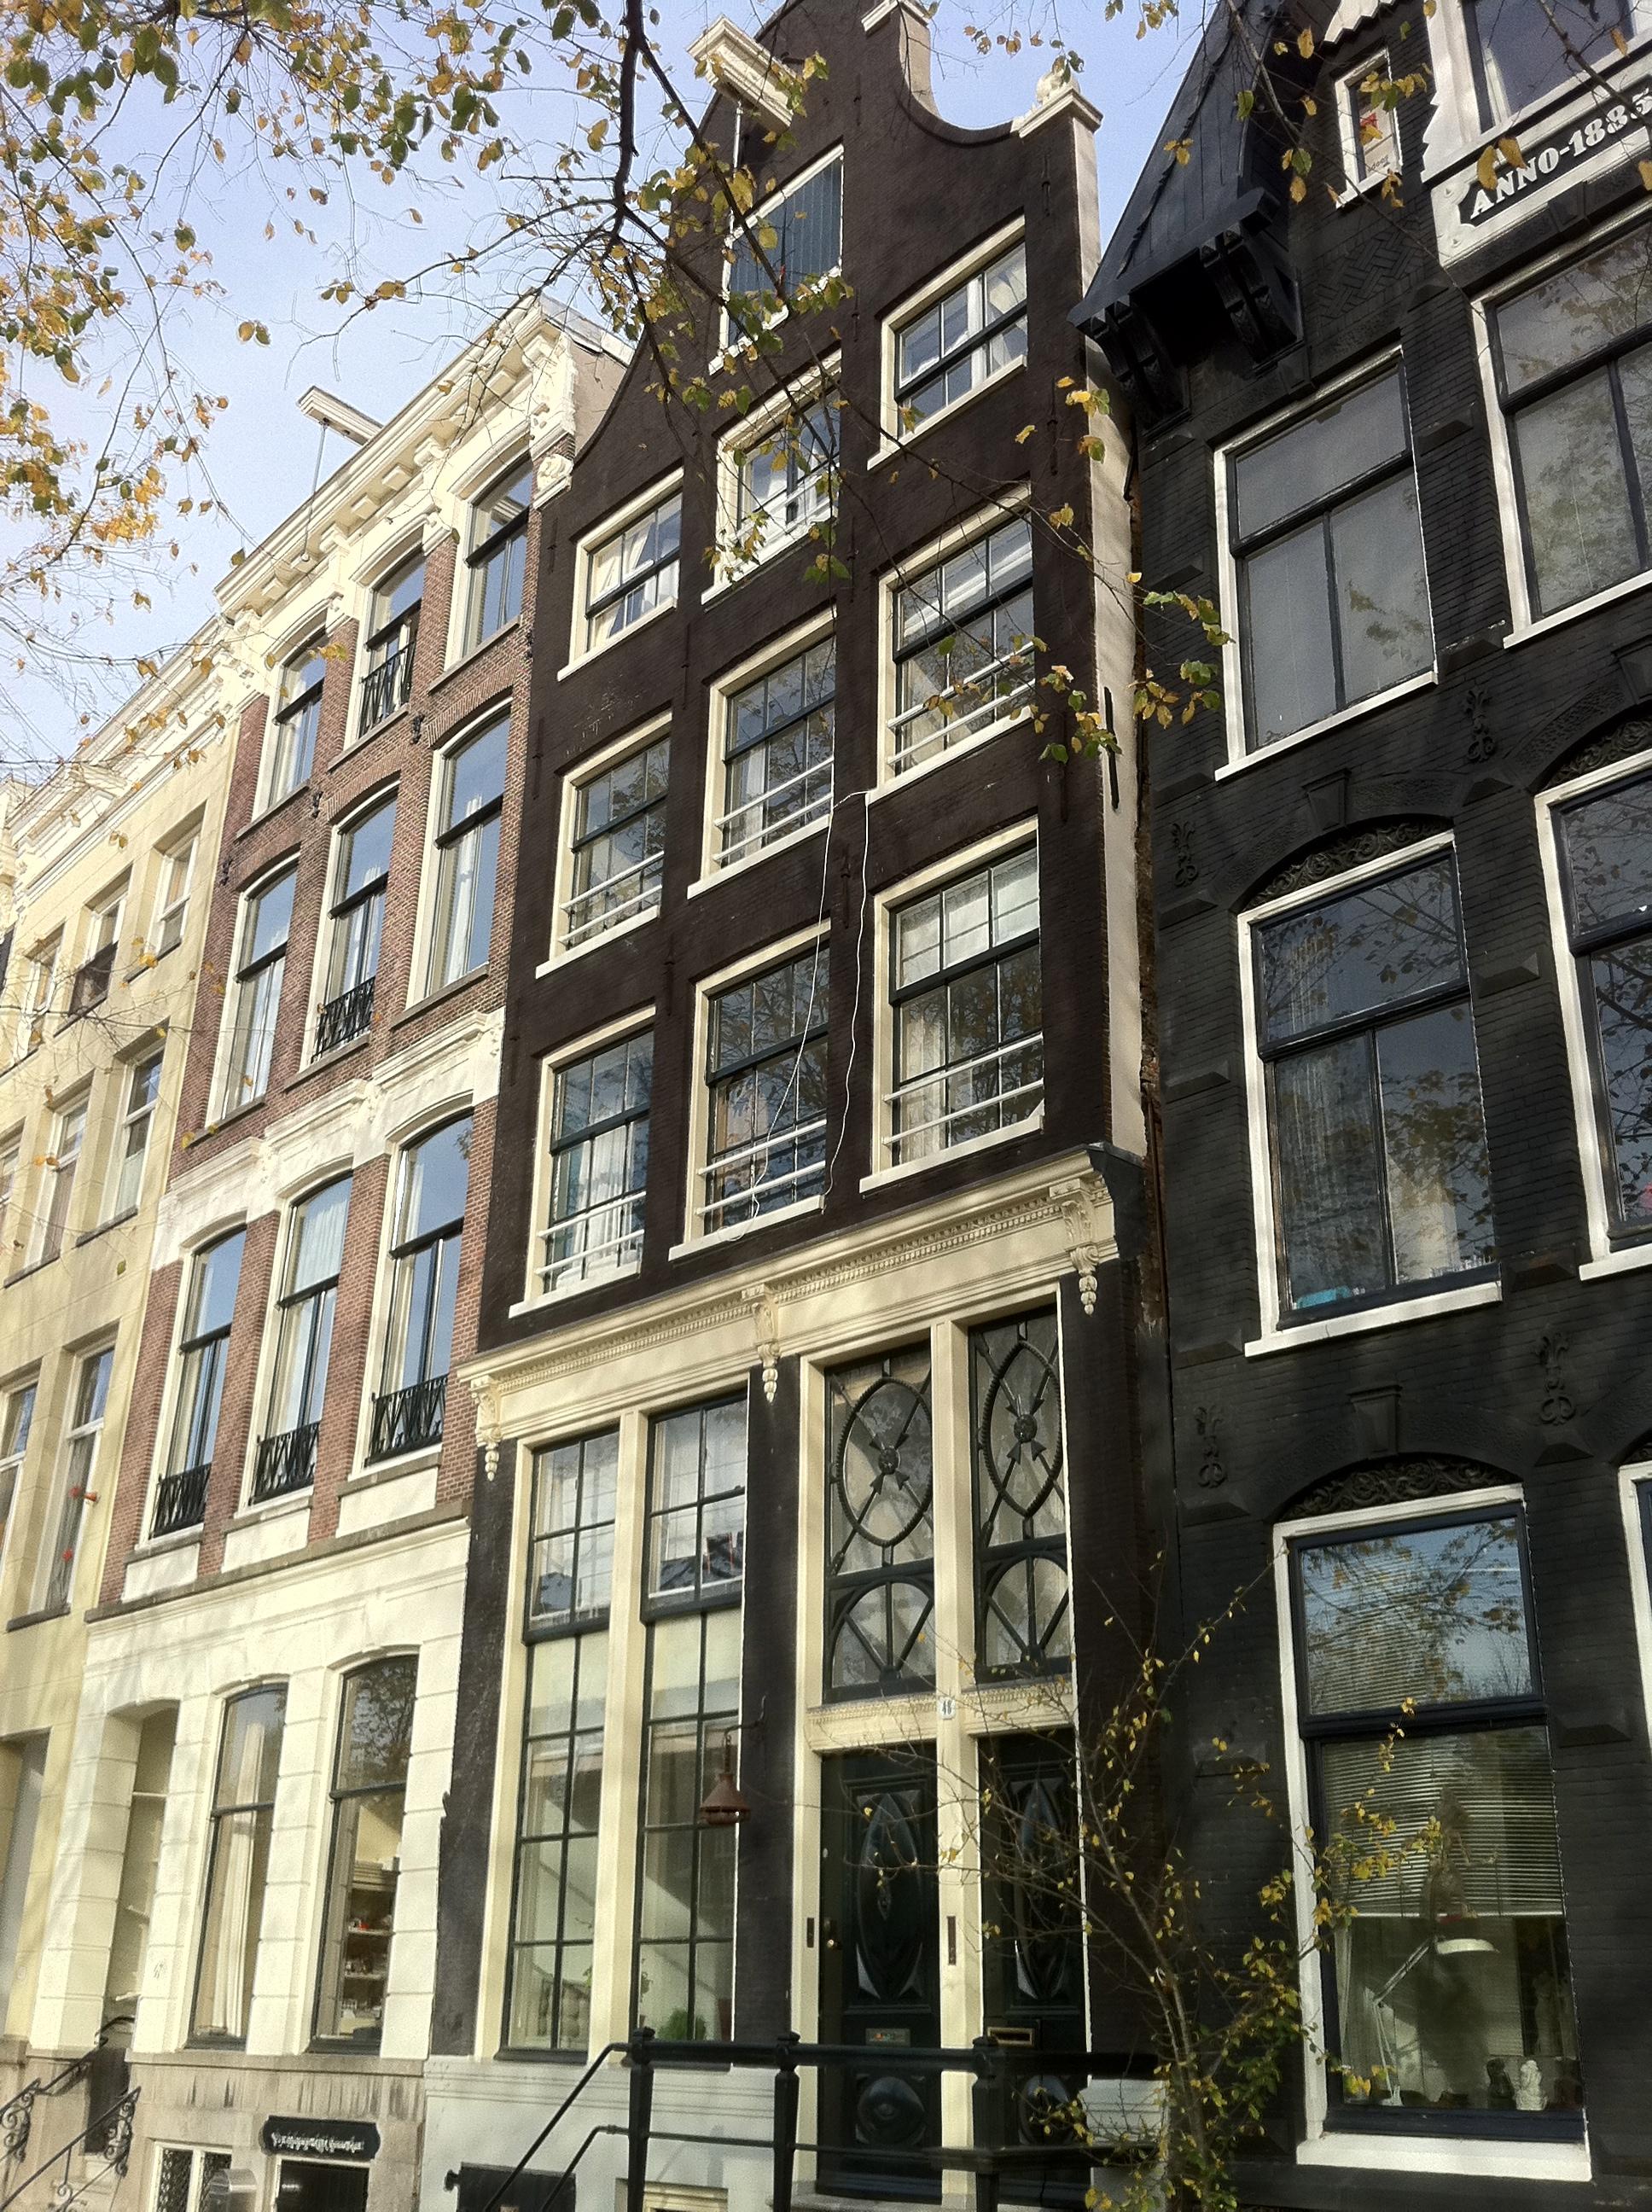 Huis met gevel onder latere ingezwenkte hals met rollagen in amsterdam monument - Huis gevel ...